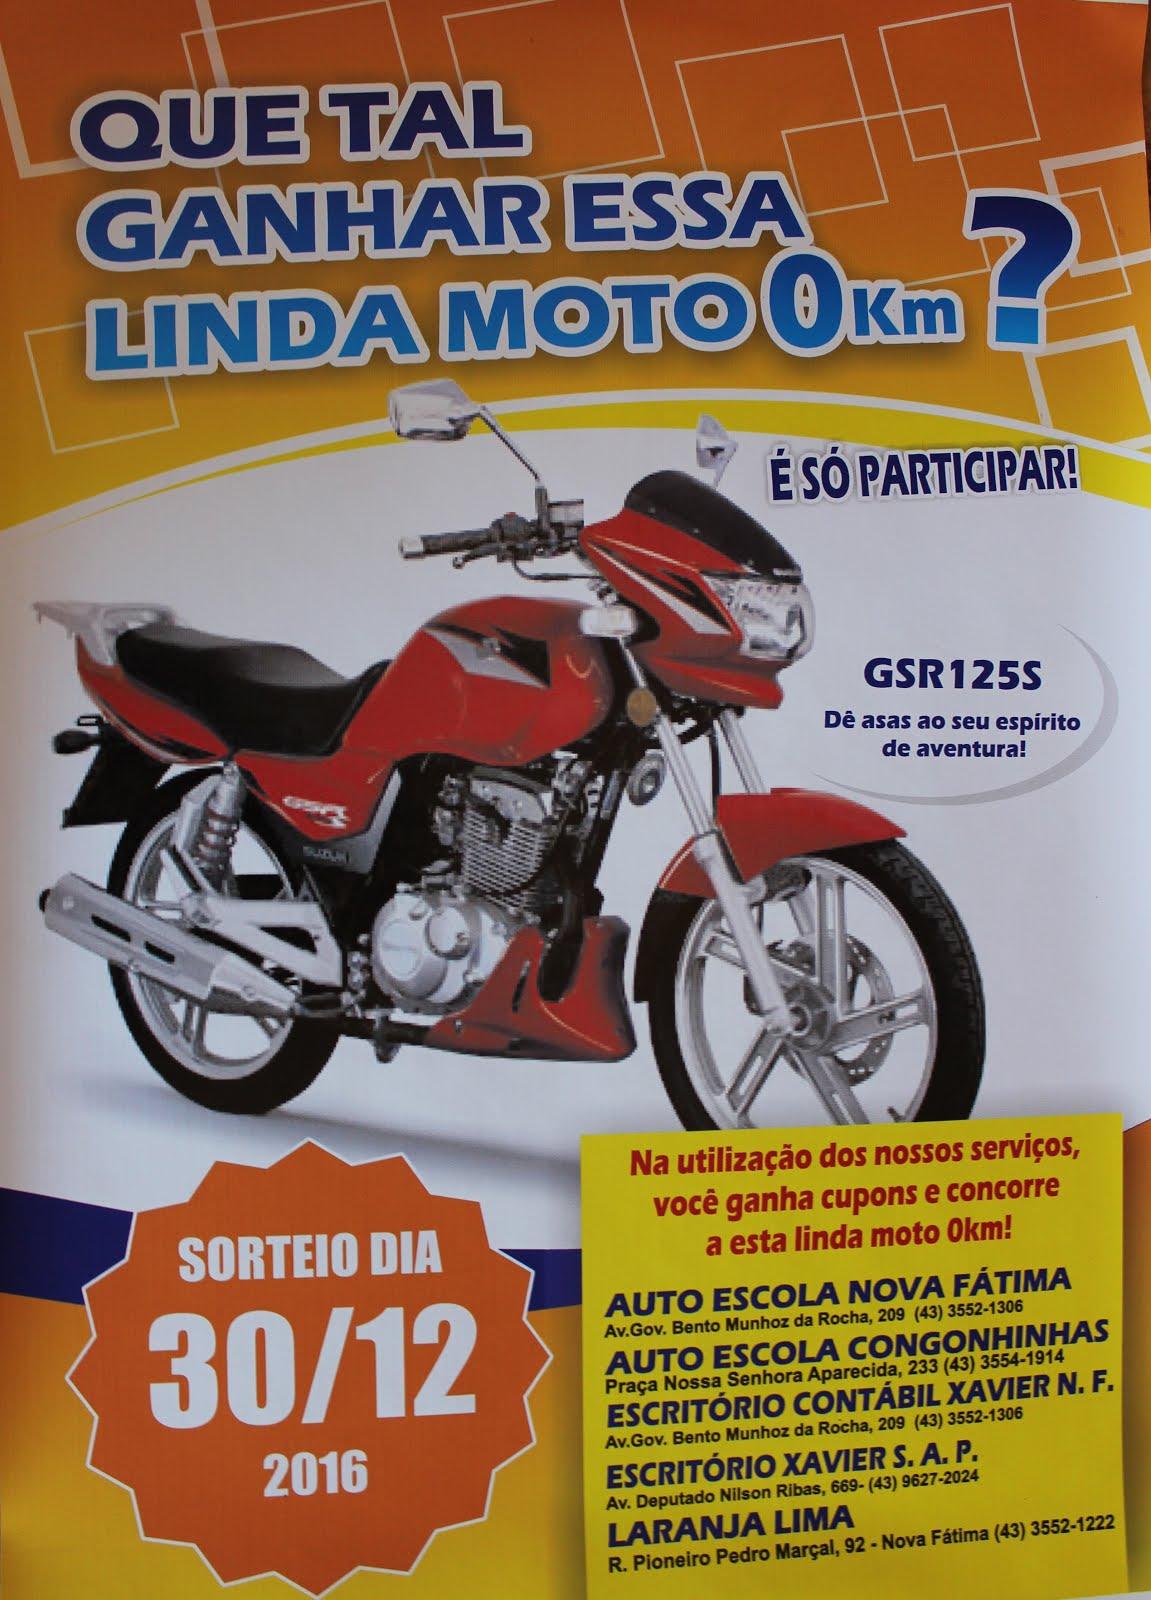 AUTO ESCOLA CONGONHINHAS..